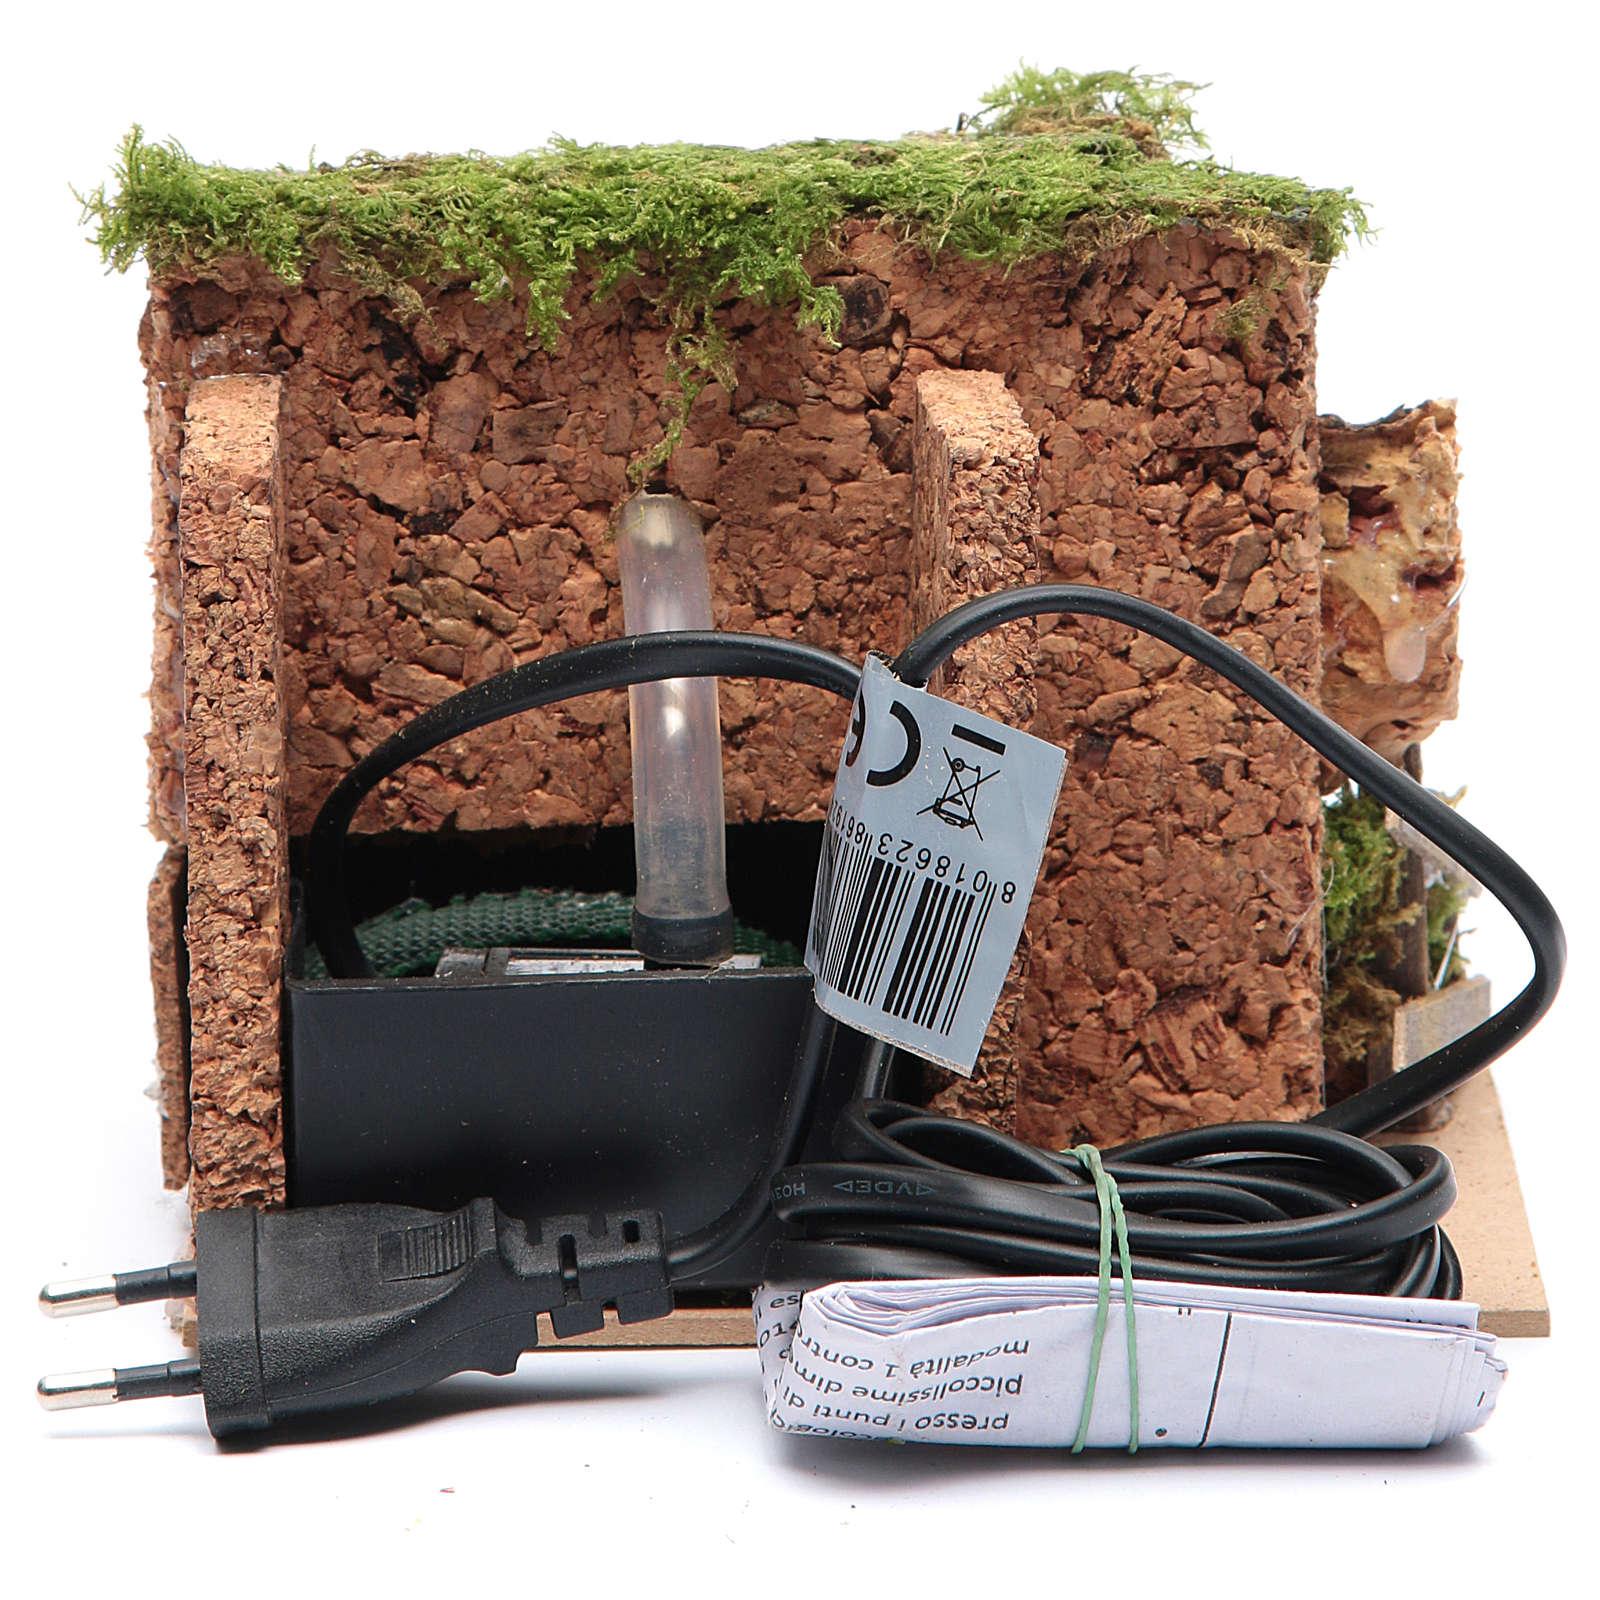 Fuente eléctrica en ambientación rocosa para belén de dimensiones 10x15x10 cm 4